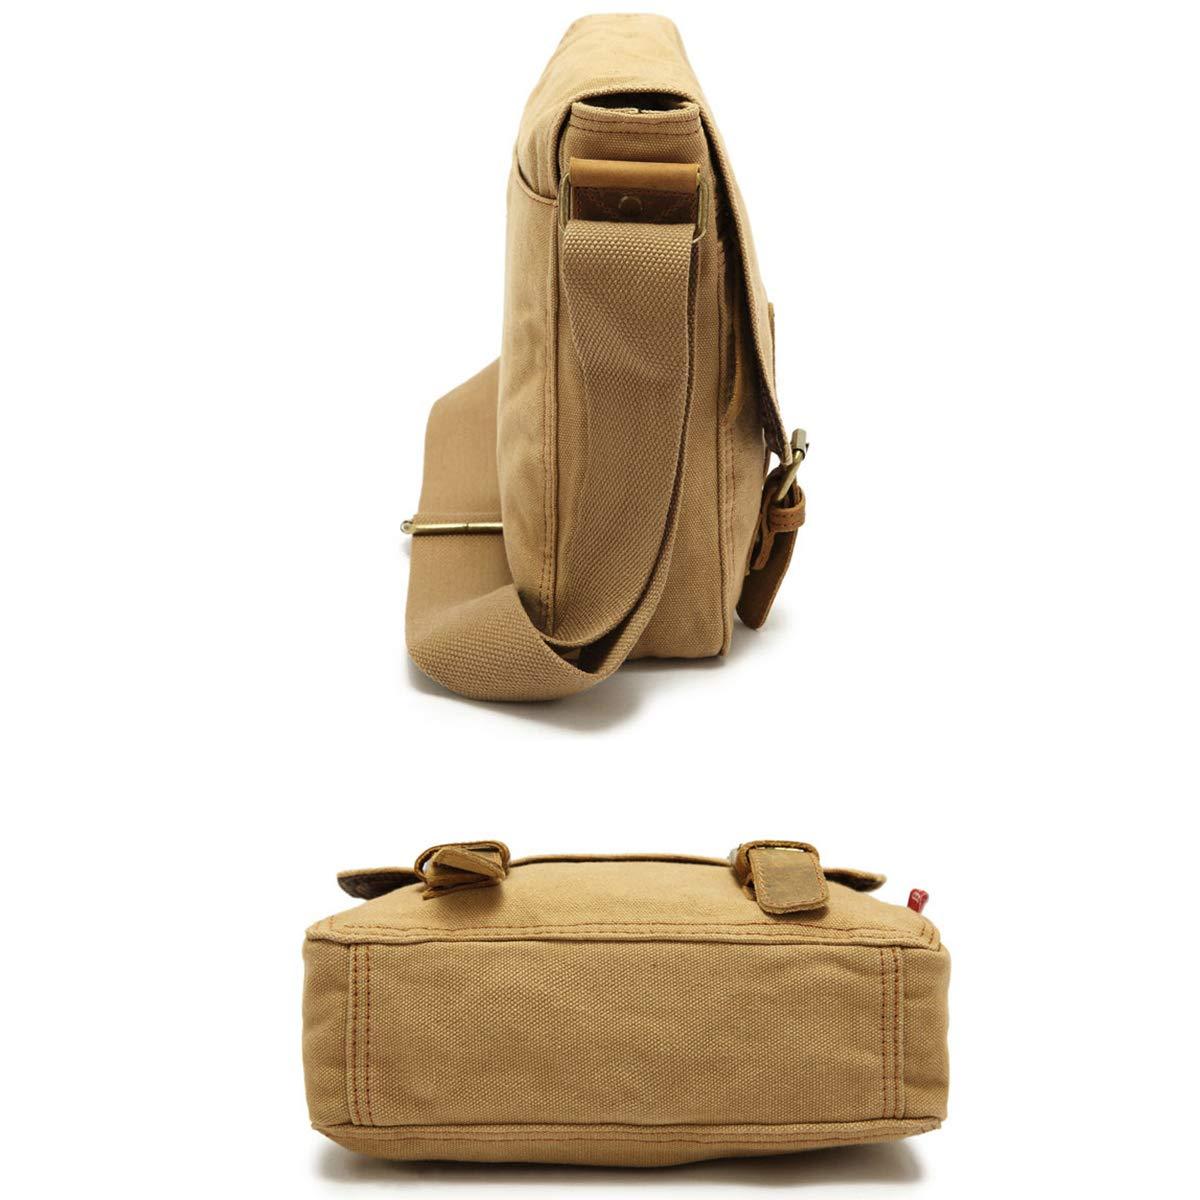 EFGIU Mens Messenger Bag Canvas Shoulder Bag Travel Rucksack Sling Bag Cross body bag for men